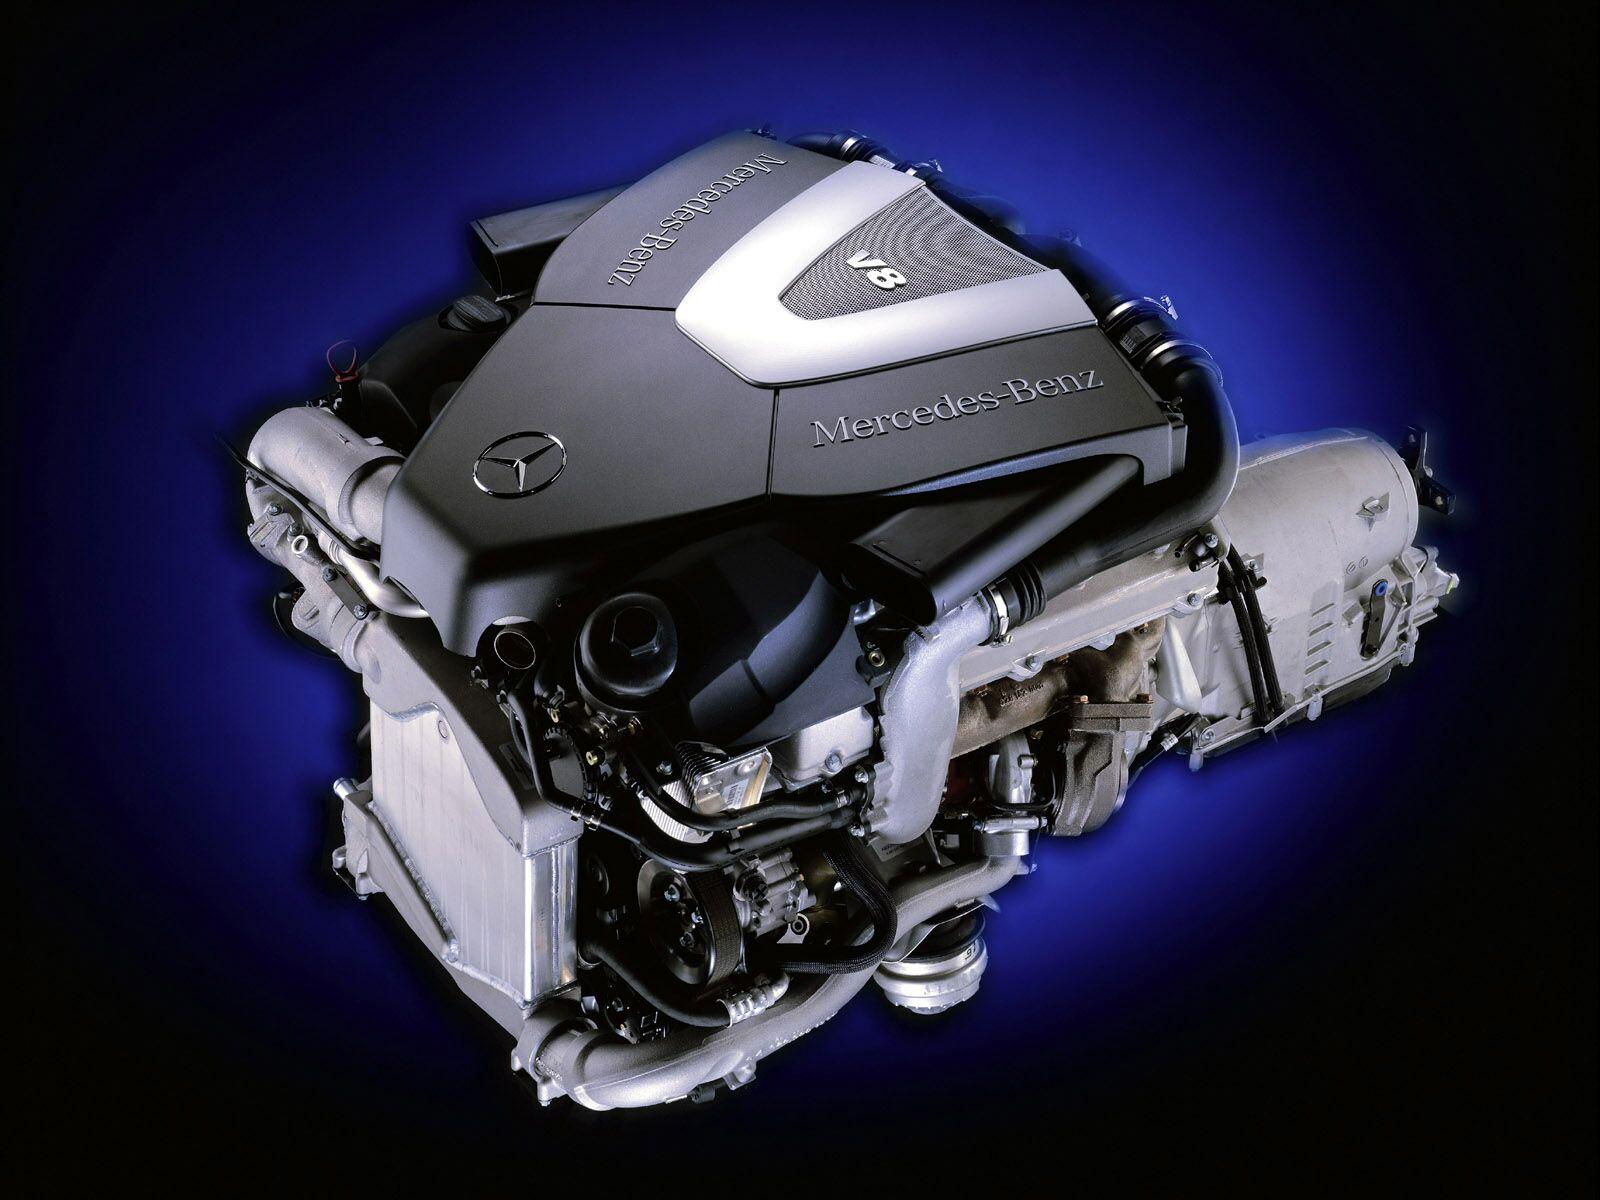 メルセデス8気筒エンジン 壁紙 - MERCEDES-BENZ V8 WALLPAPER